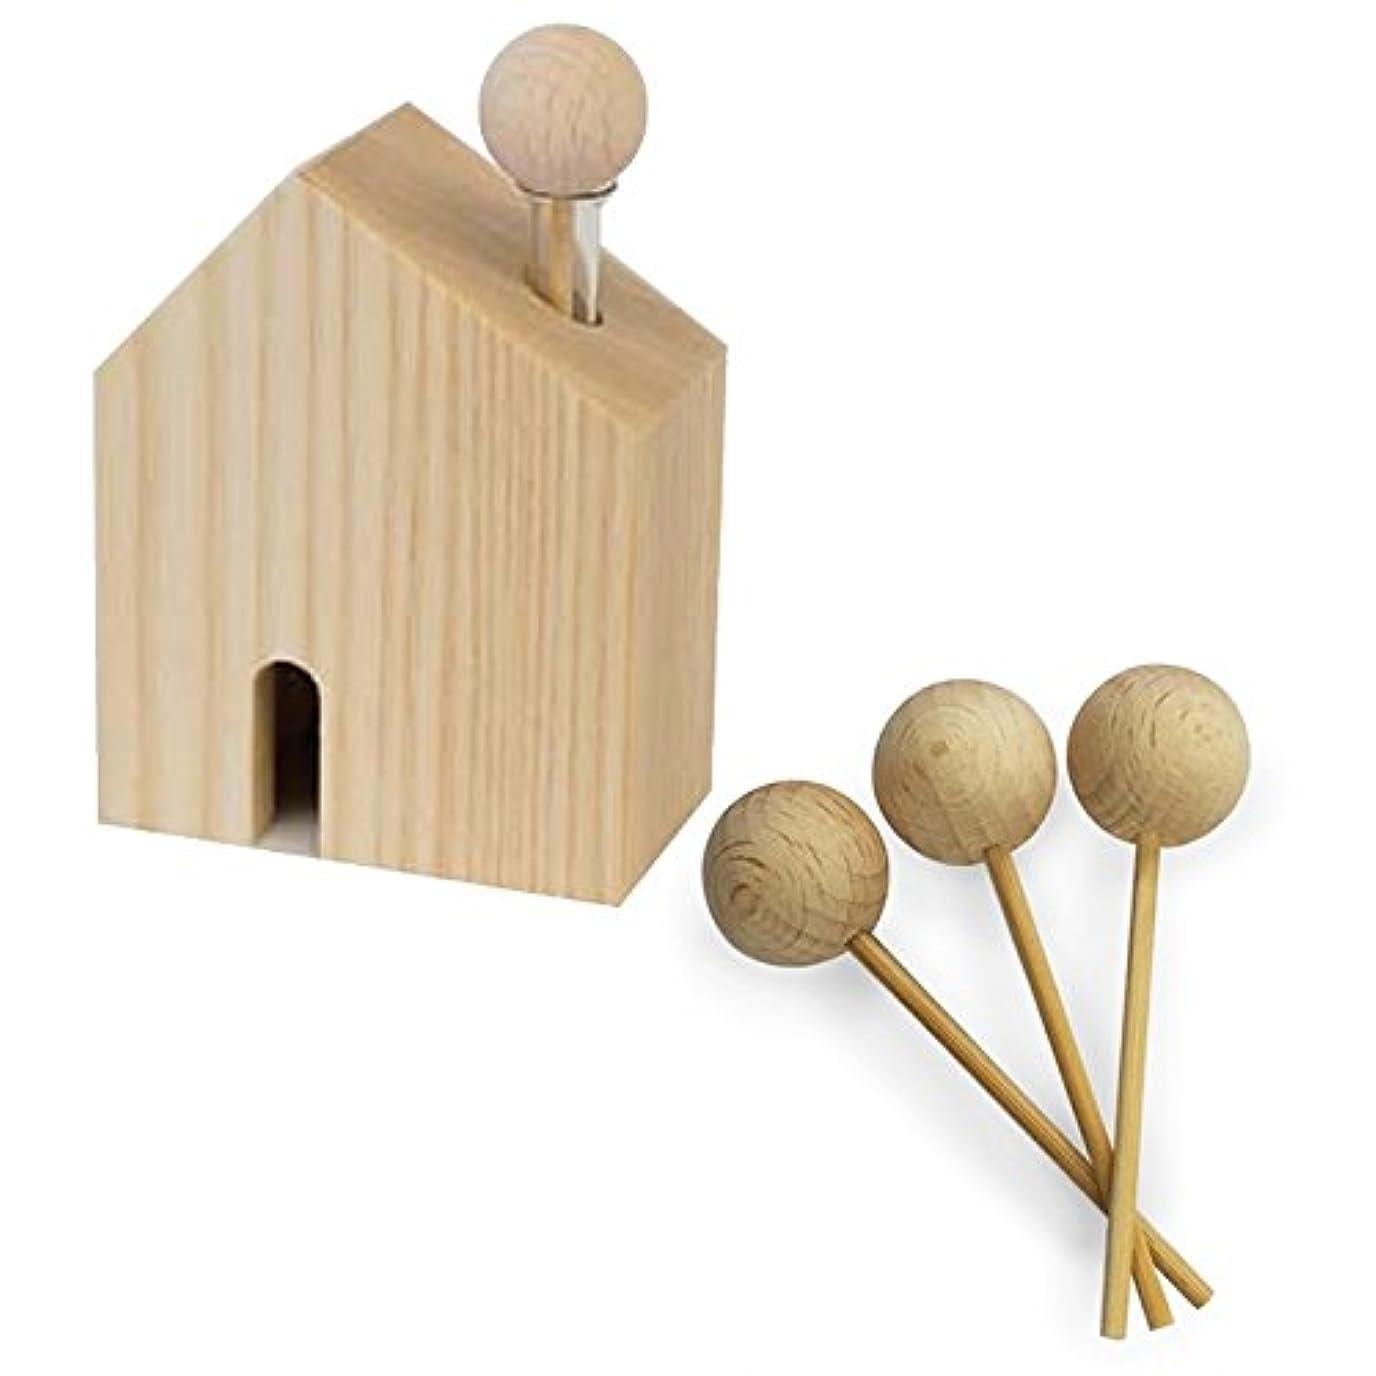 ハント九時四十五分そんなにHARIO ハリオ アロマ芳香器 木のお家 交換用木製スティック3本付